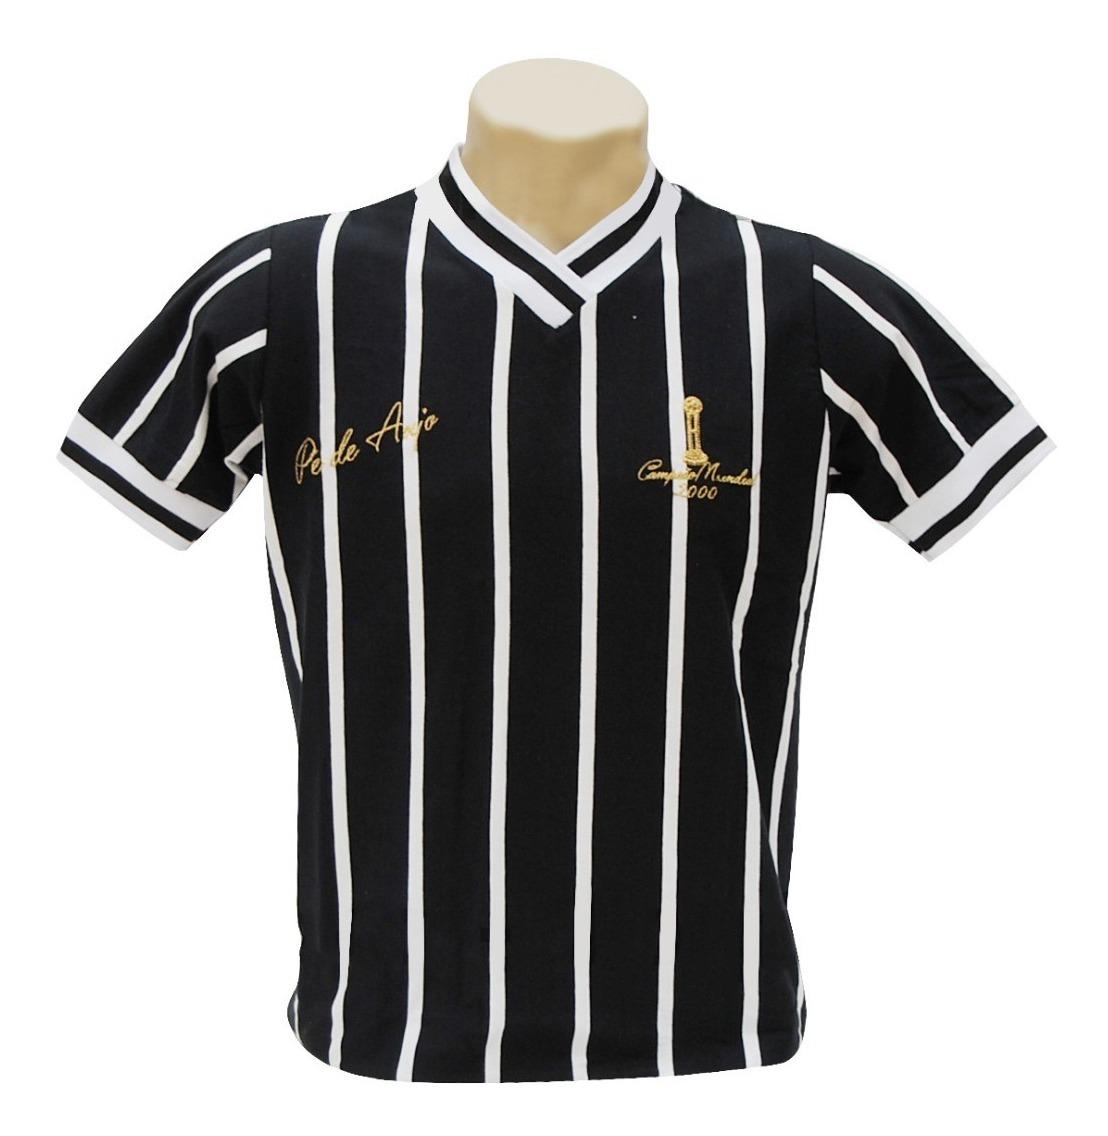 570a8a93711dab camiseta retrô corinthians marcelinho carioca -torcida retrô. Carregando  zoom.